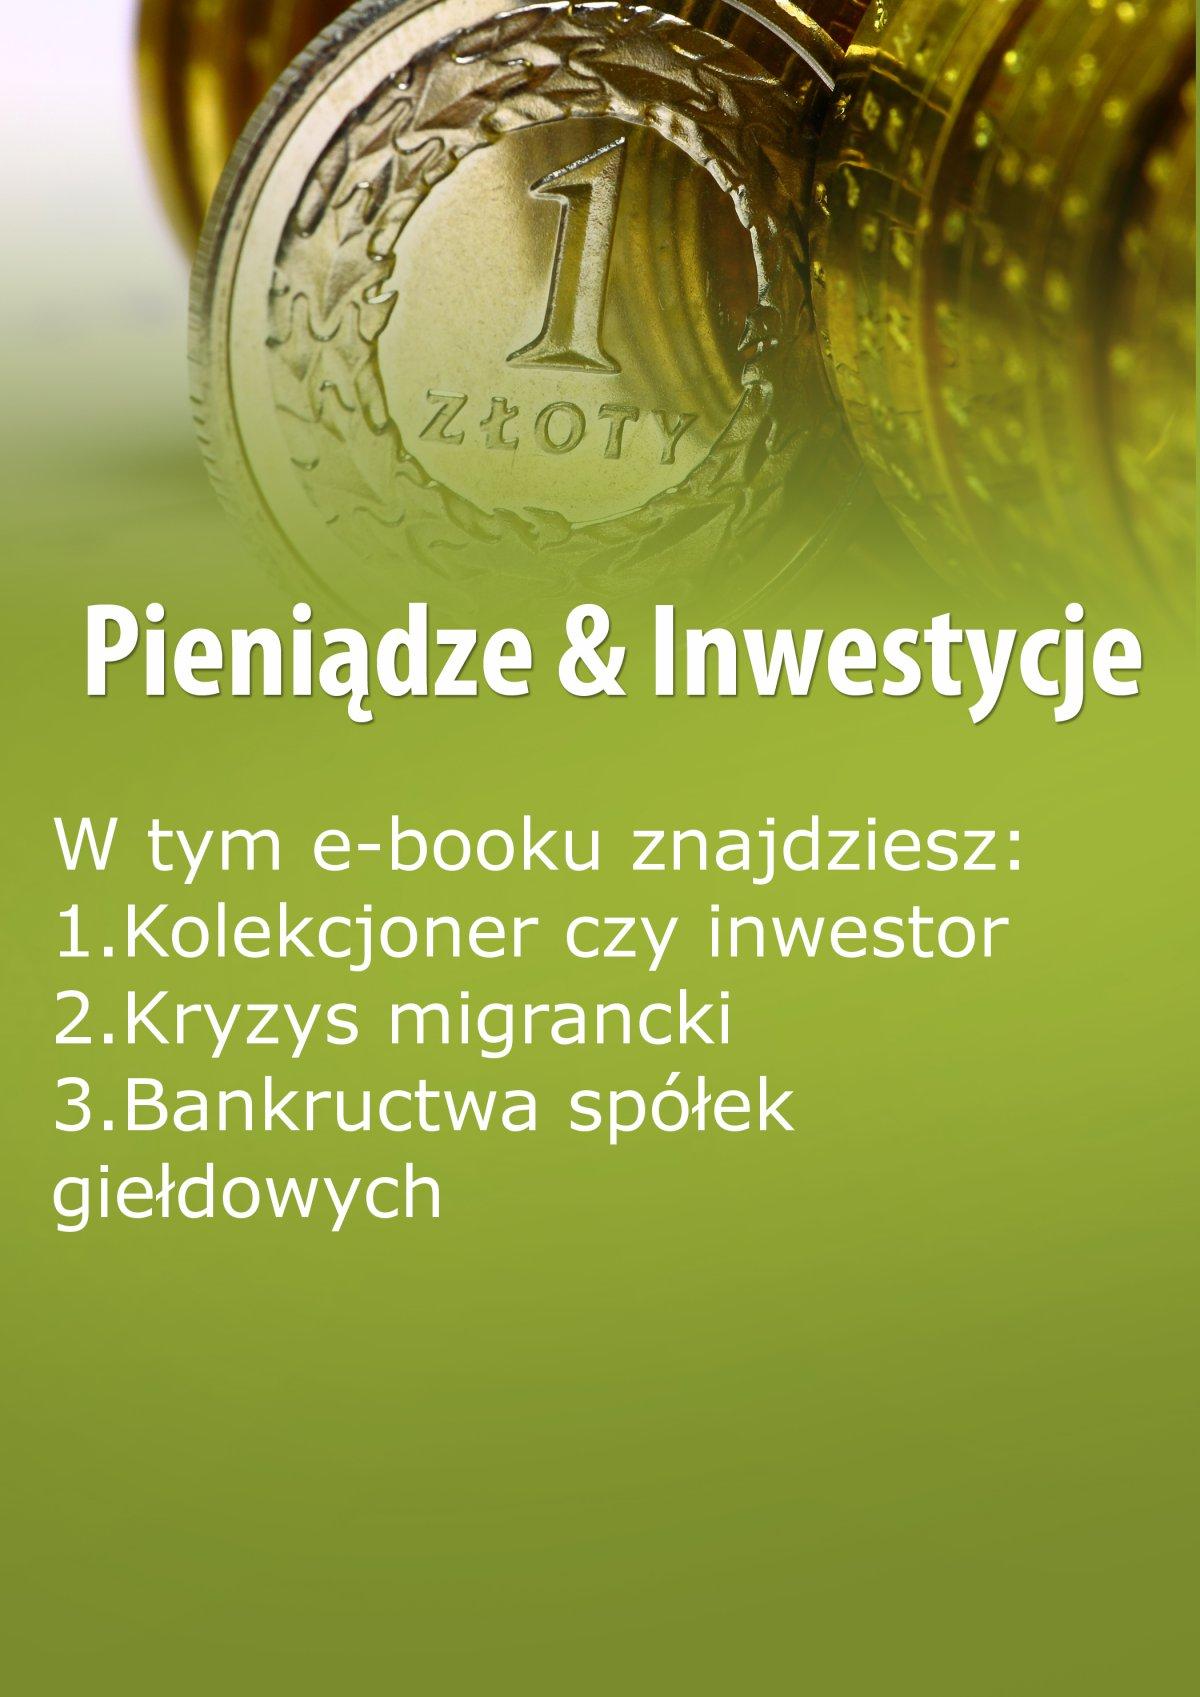 Pieniądze & Inwestycje, wydanie listopad 2015 r. - Ebook (Książka EPUB) do pobrania w formacie EPUB